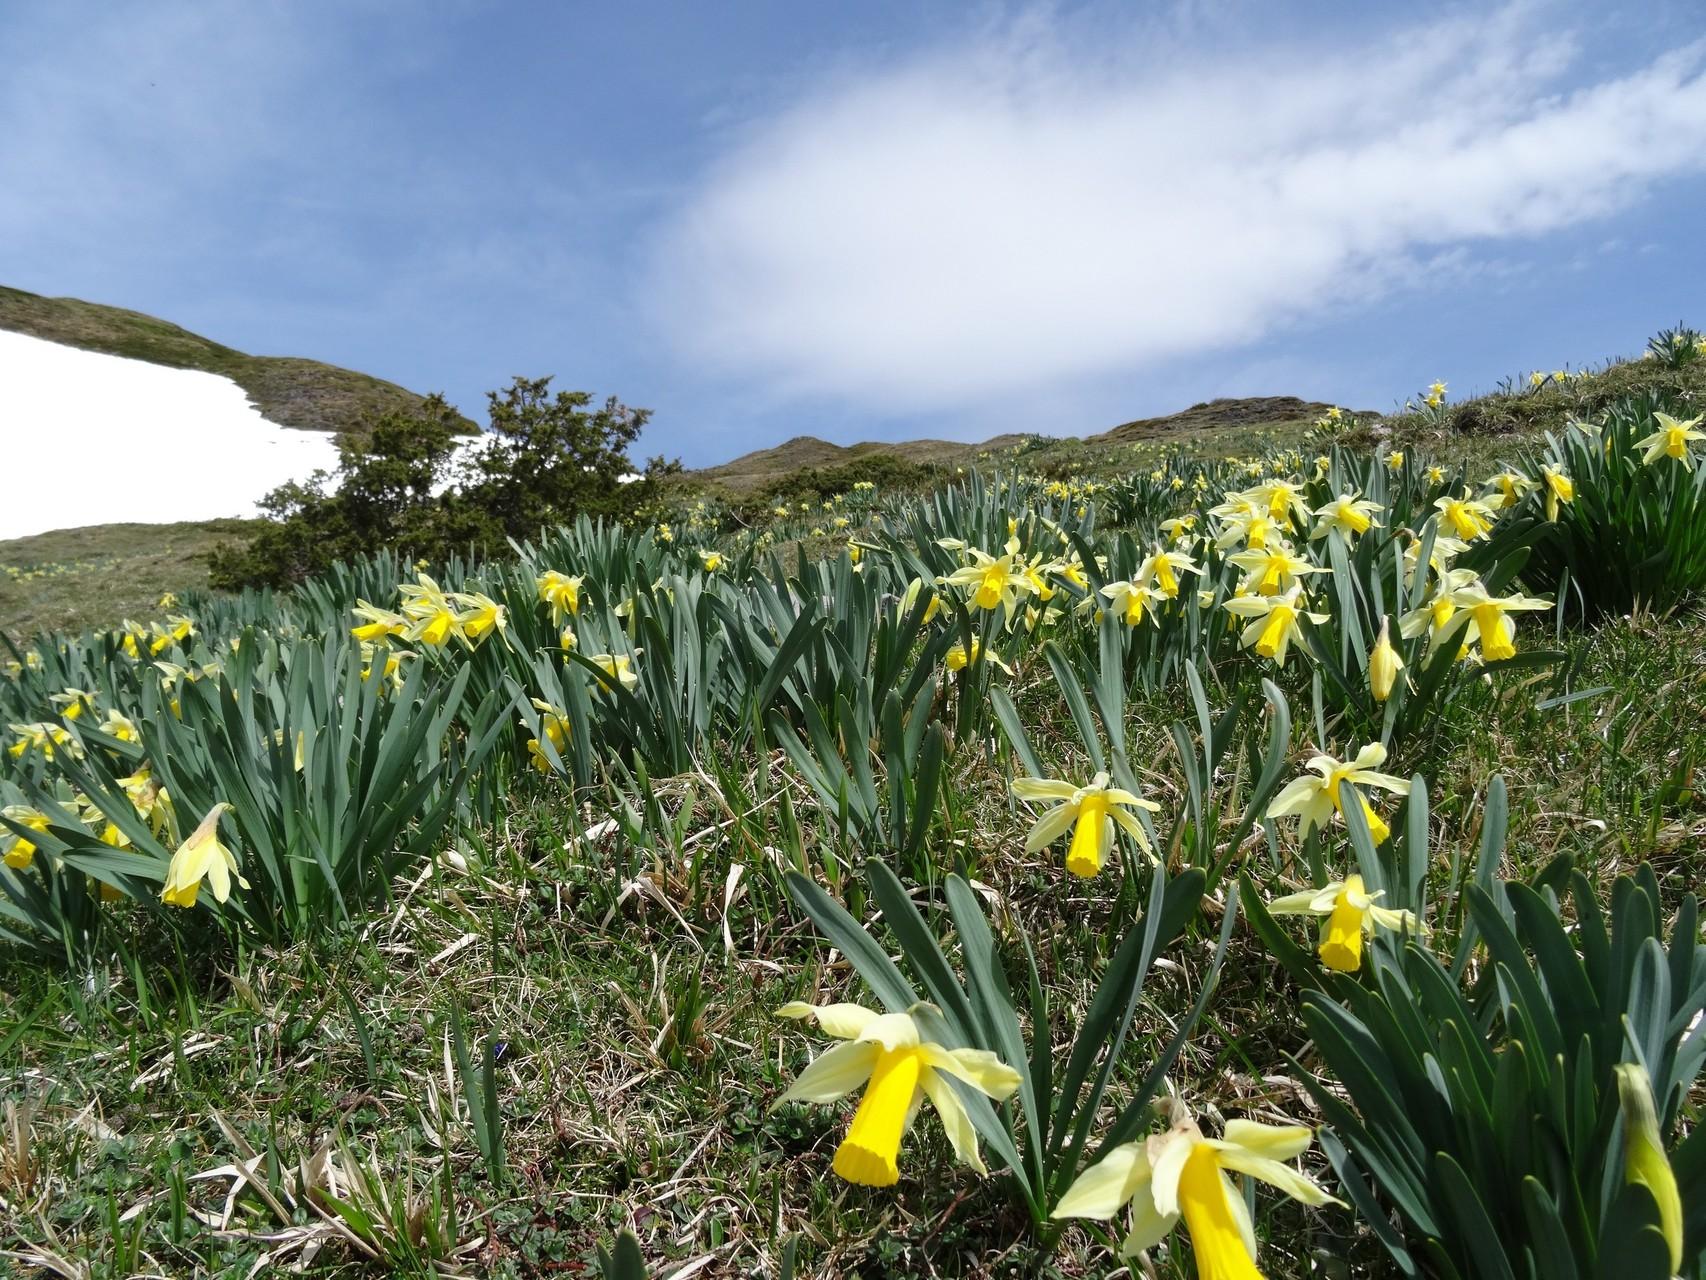 Il y a encore de la neige même à basse altitude, mais le printemps est là